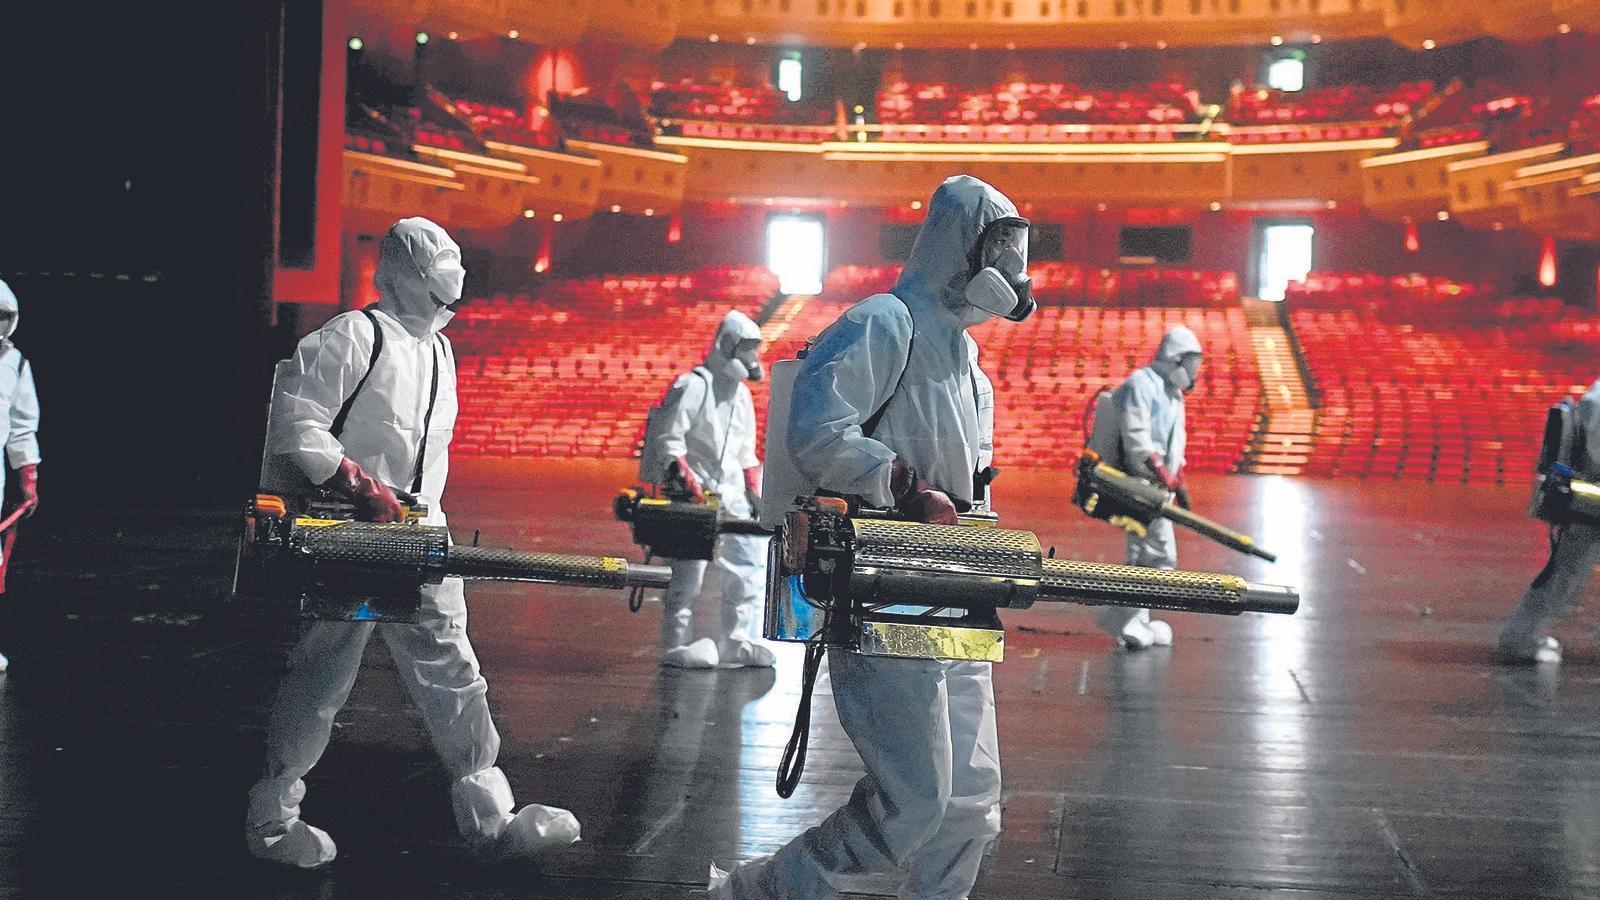 Voluntaris desinfectant el Gran Teatre Qintai de Wuhan (Xina) el 2 d'abril.